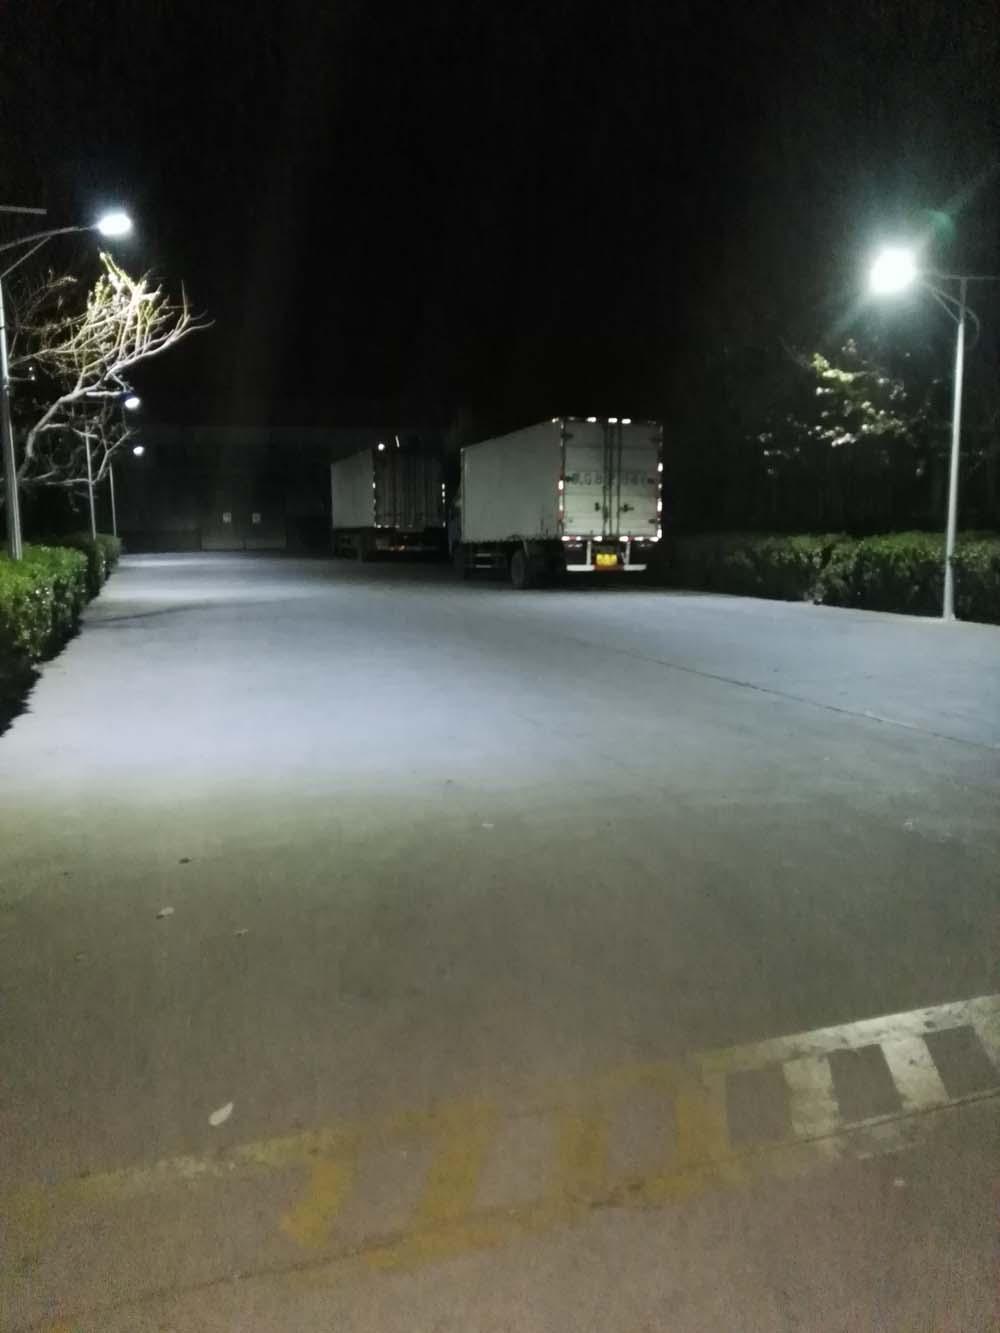 燕郊工厂太阳能路灯照明